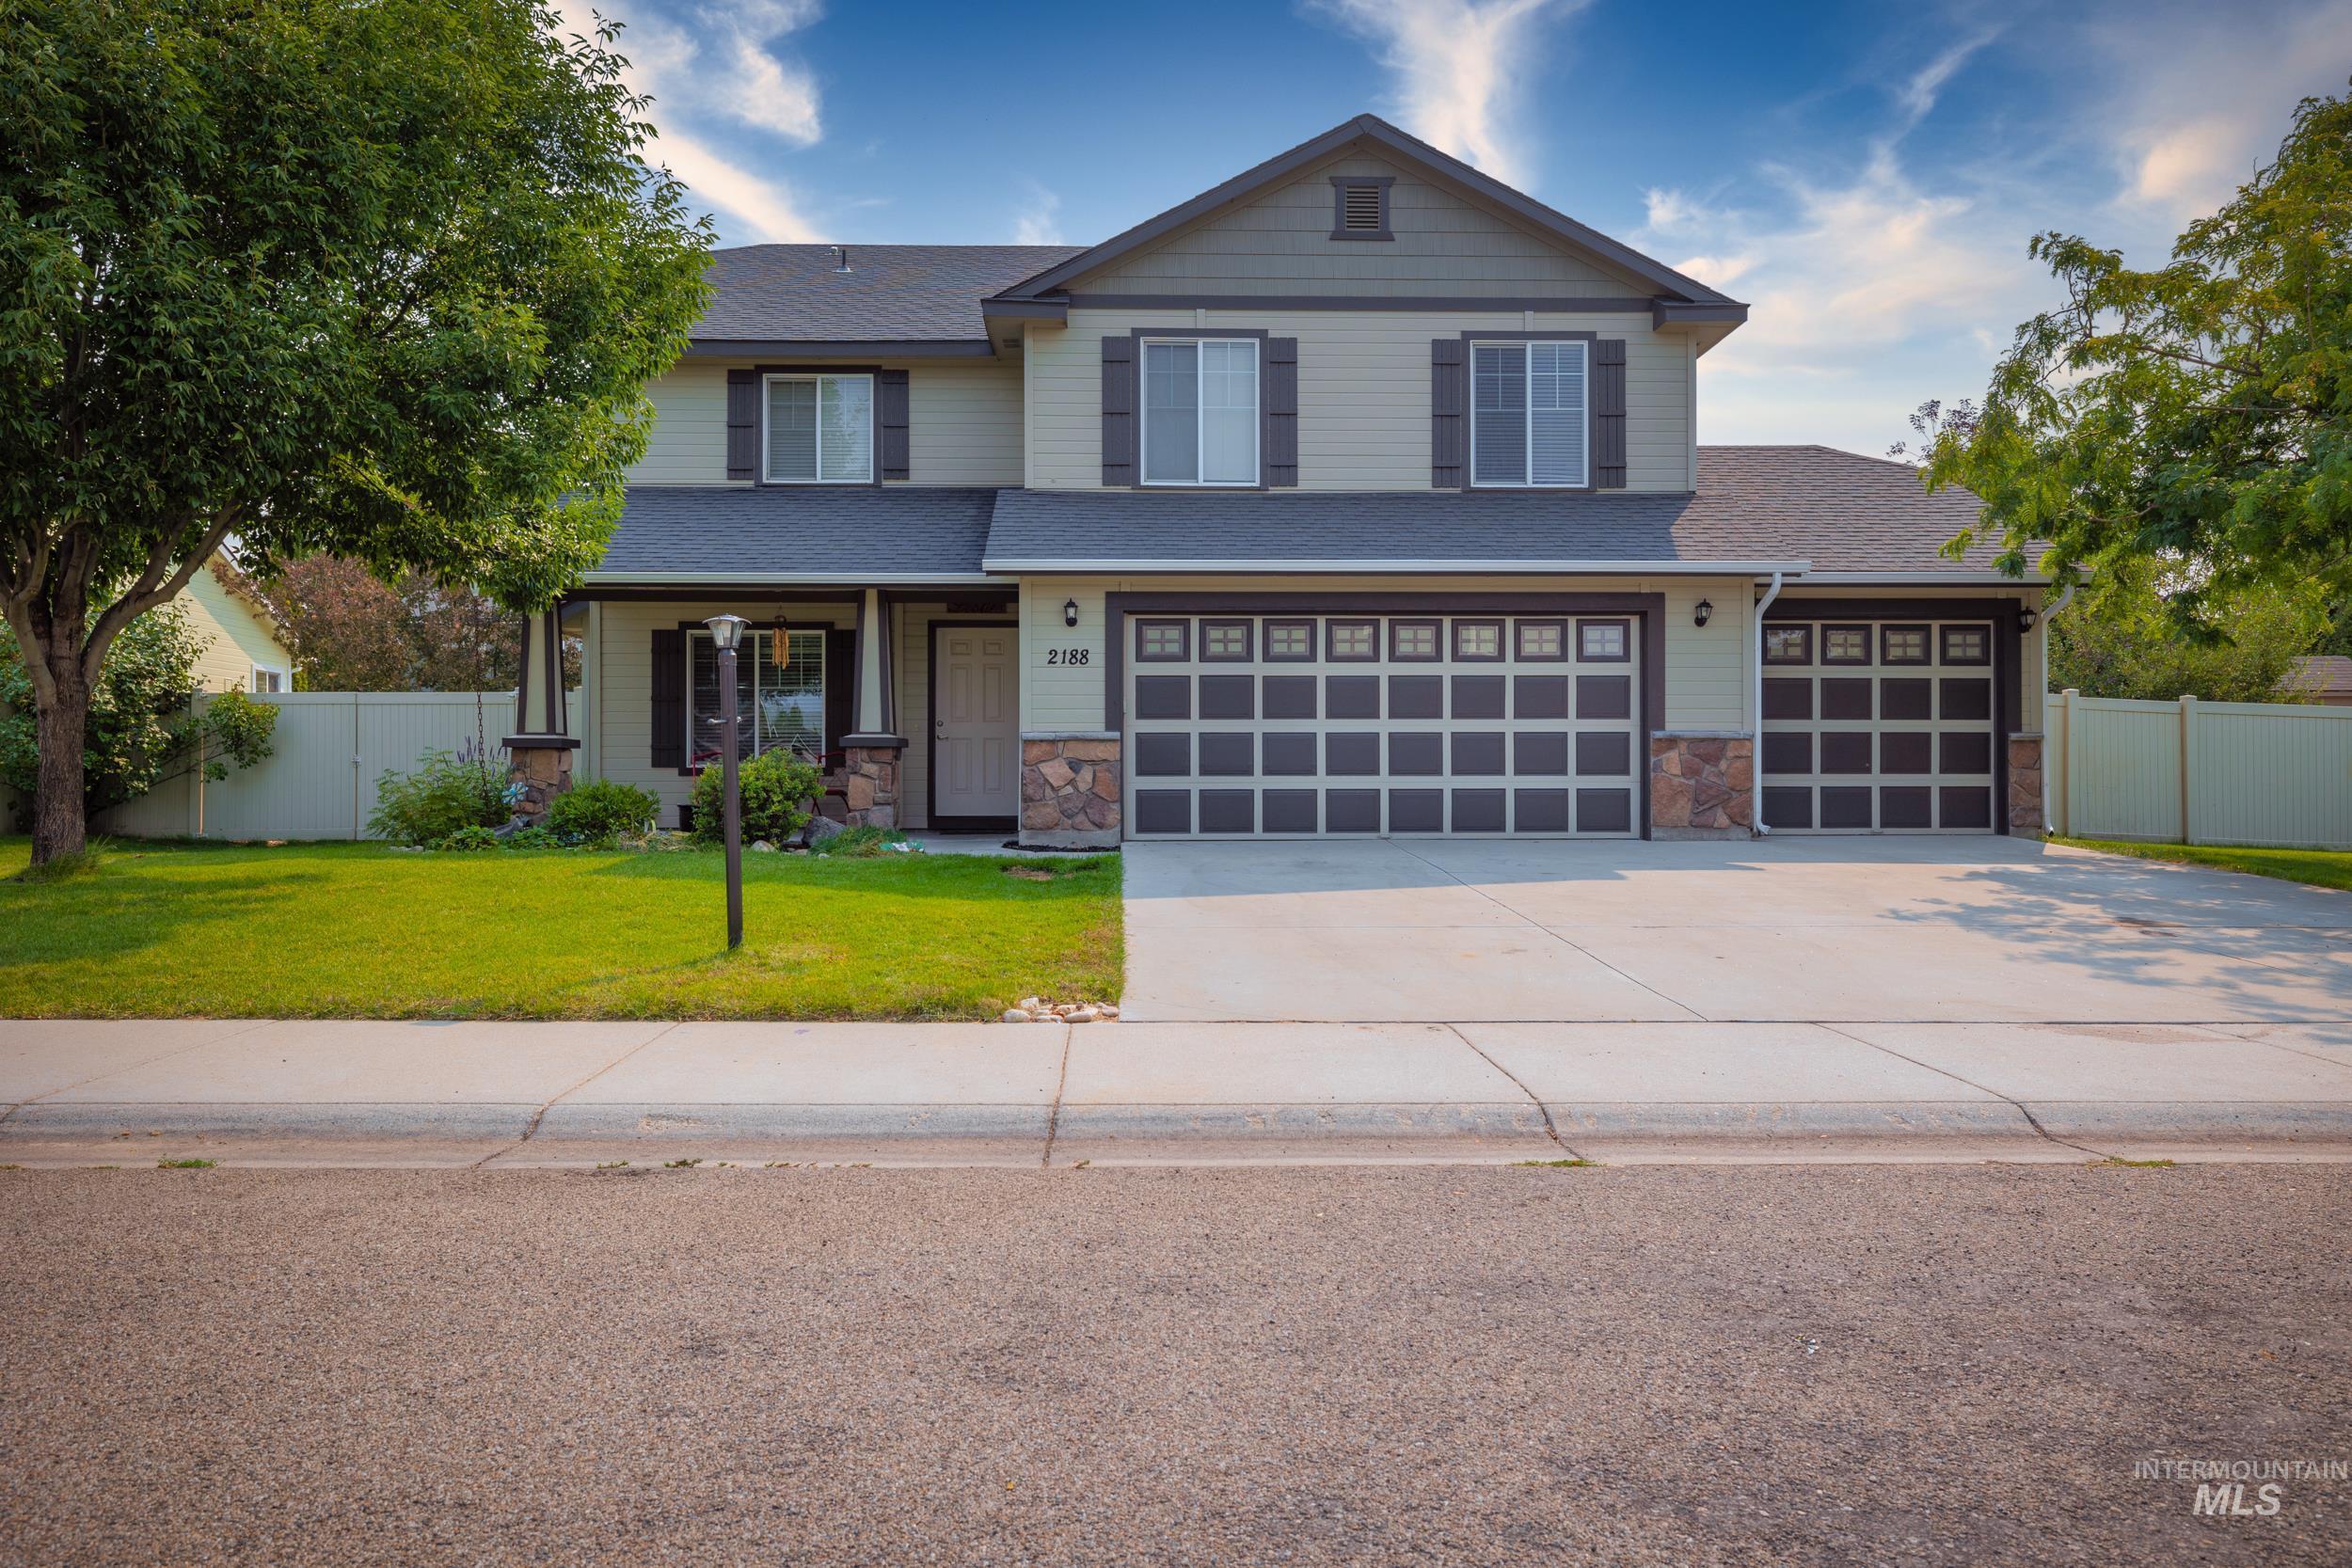 2188 N Rubine Lane Property Photo